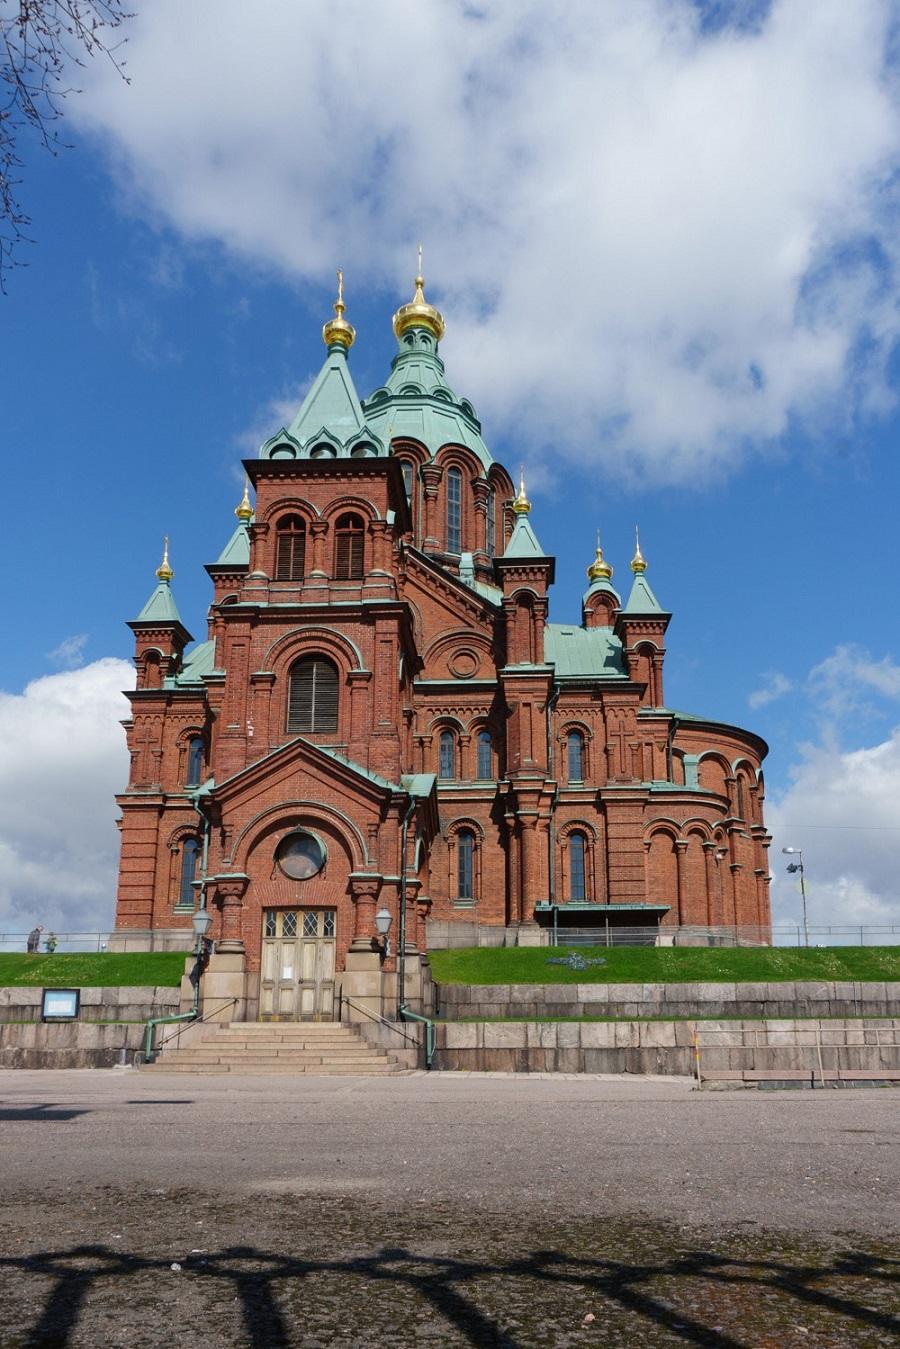 04. Успенский собор. Православный храм Хельсинки. Собор удобно расположен около рыночной площади.